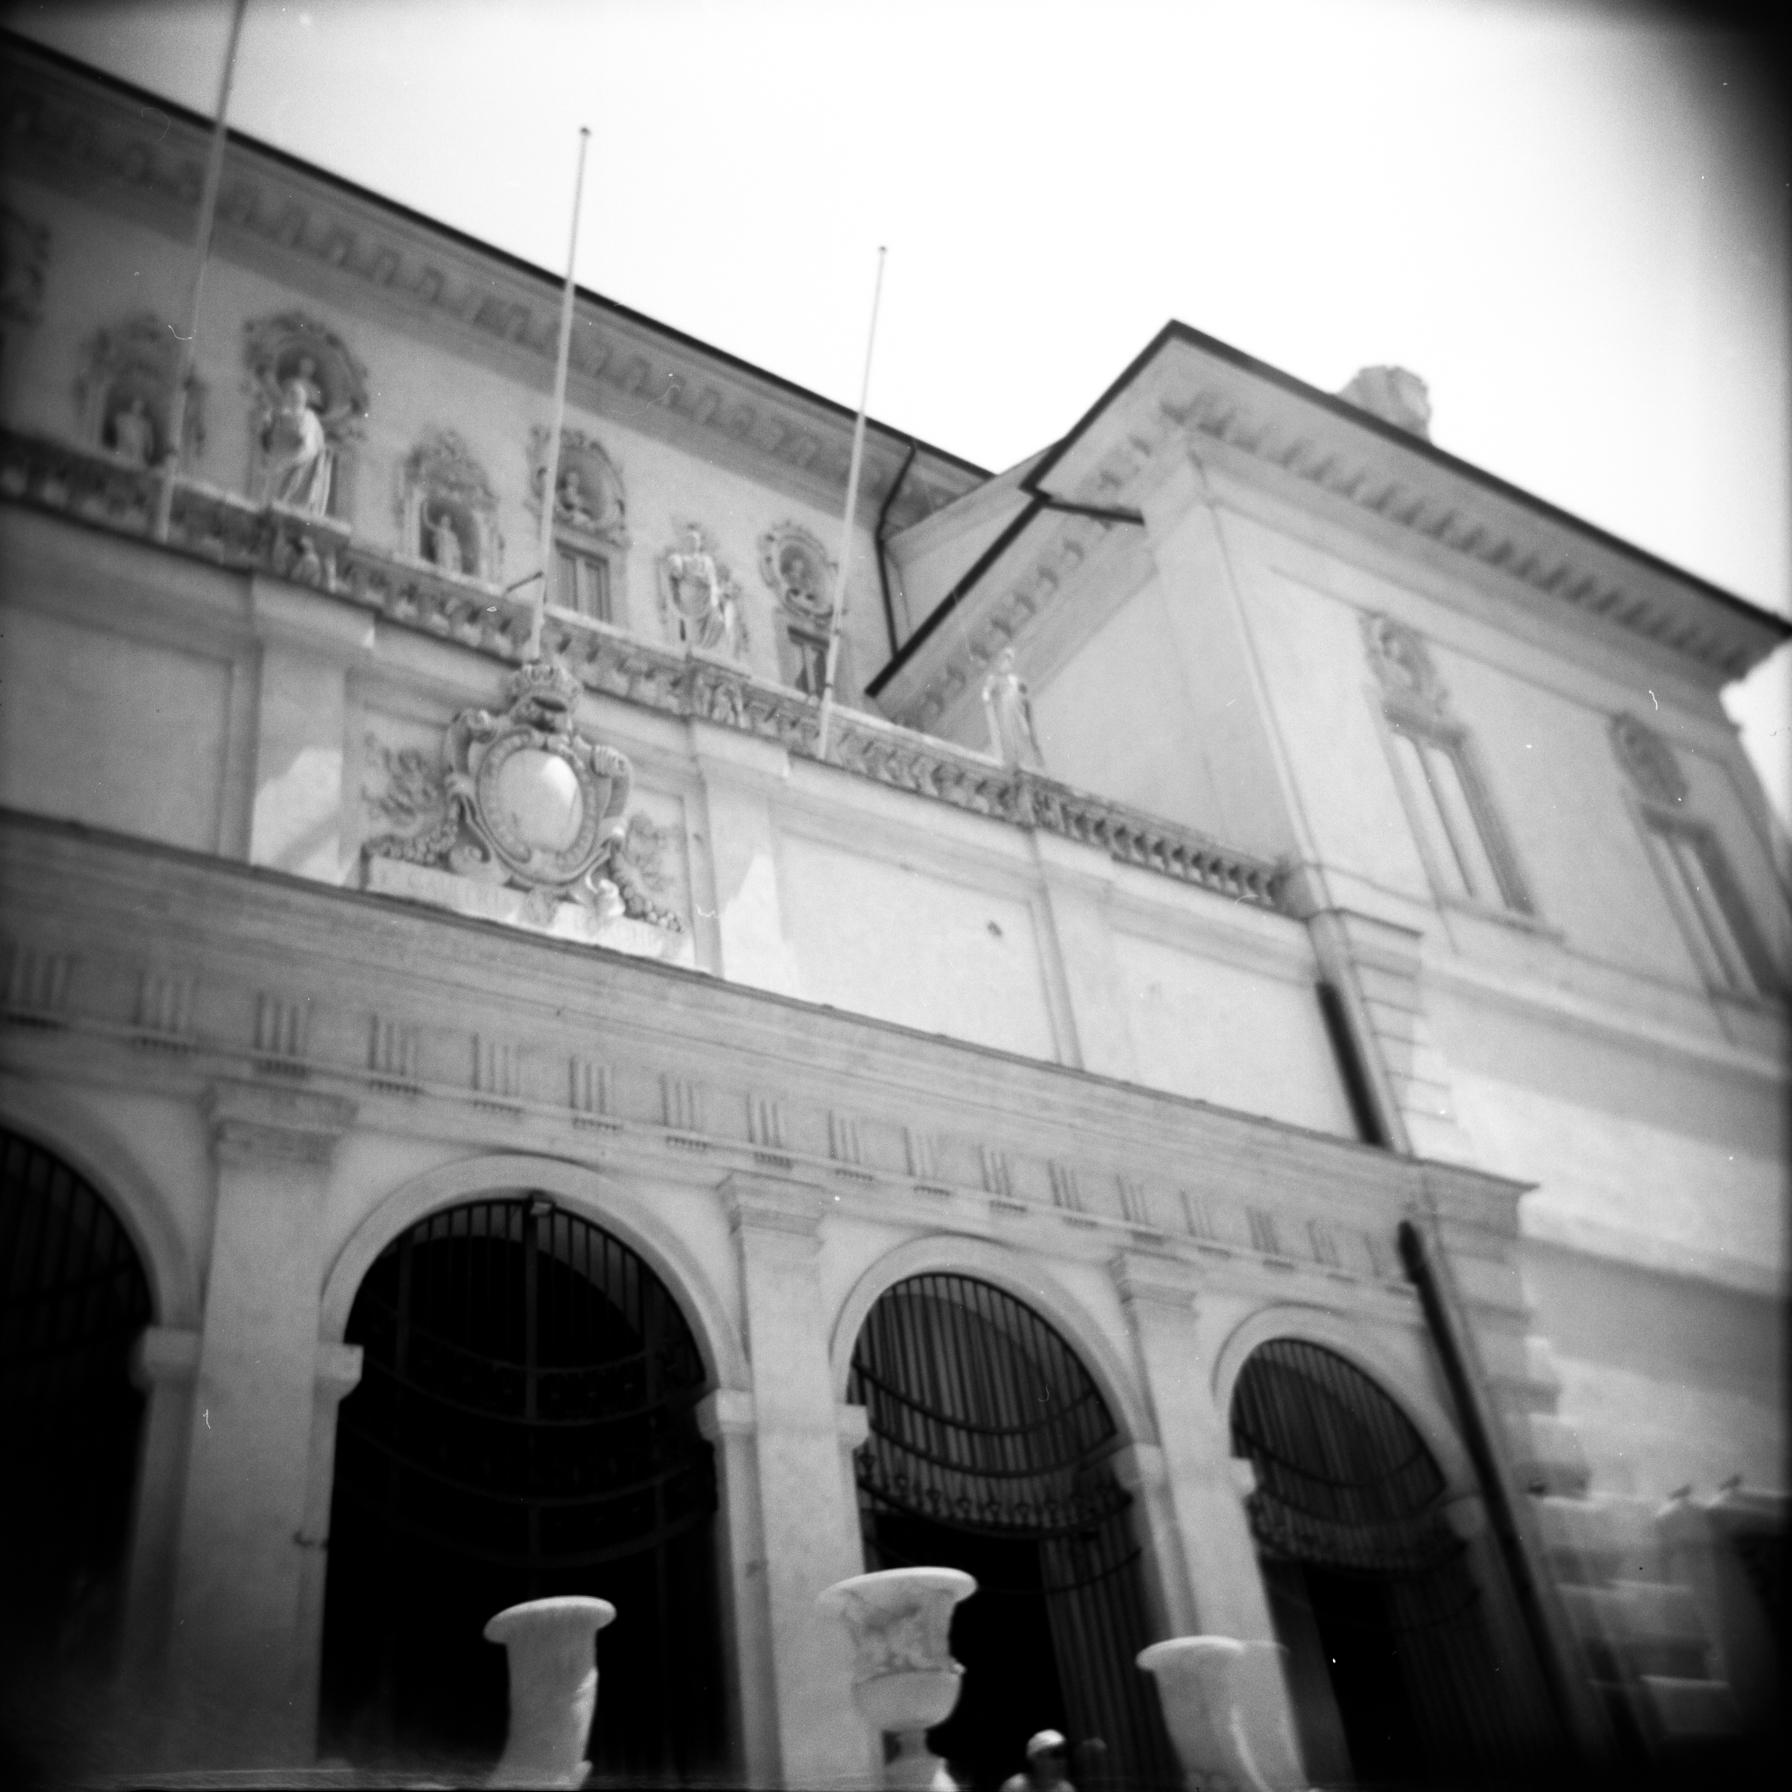 Borghese_#_4.jpg